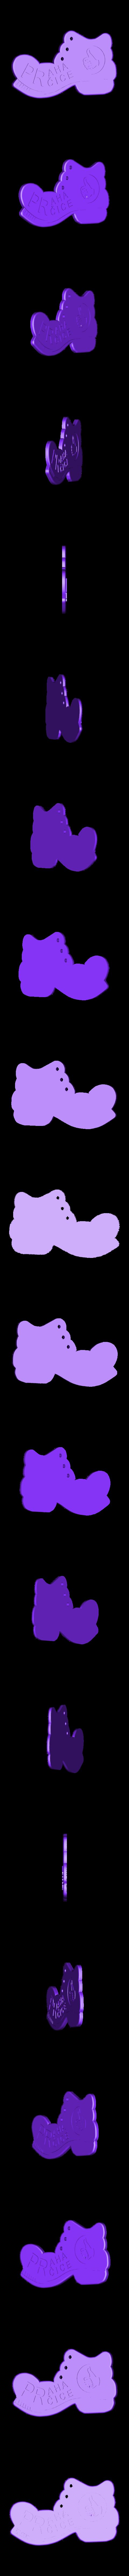 PPPpalec.stl Télécharger fichier STL gratuit Botička / Chaussure (récompense du voyage de randonnée tchèque Praha - Prčice) • Design imprimable en 3D, tomast